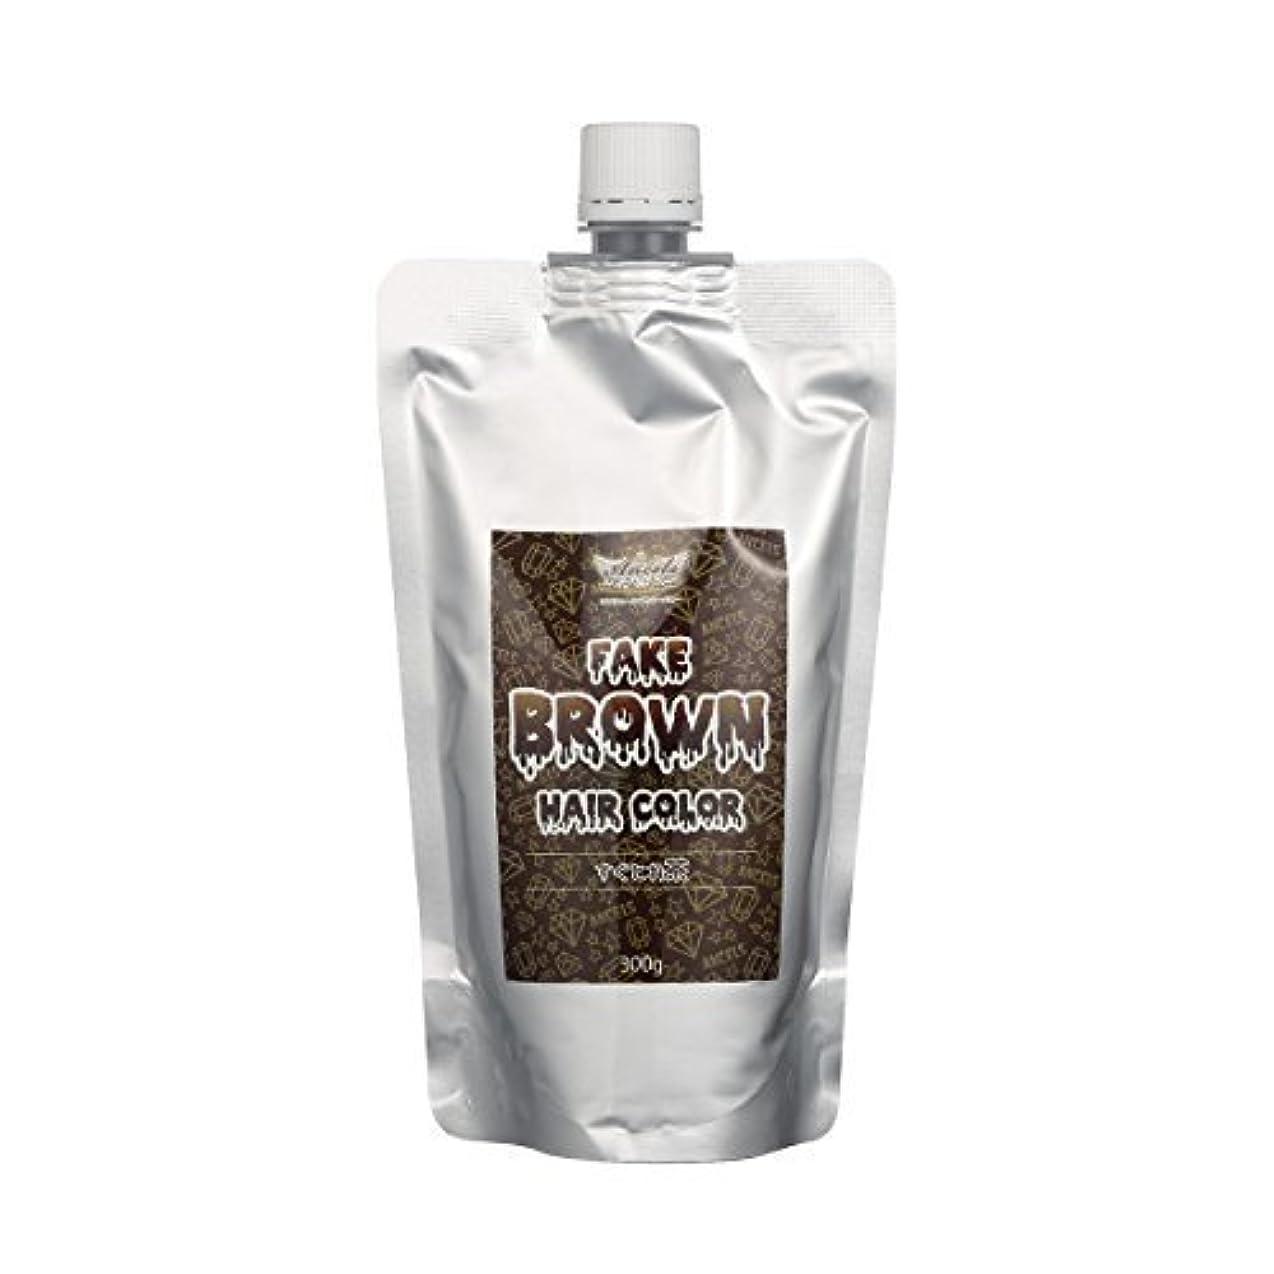 維持集団的センチメートルエンシェールズ カラーバター すぐとれ 茶 300g